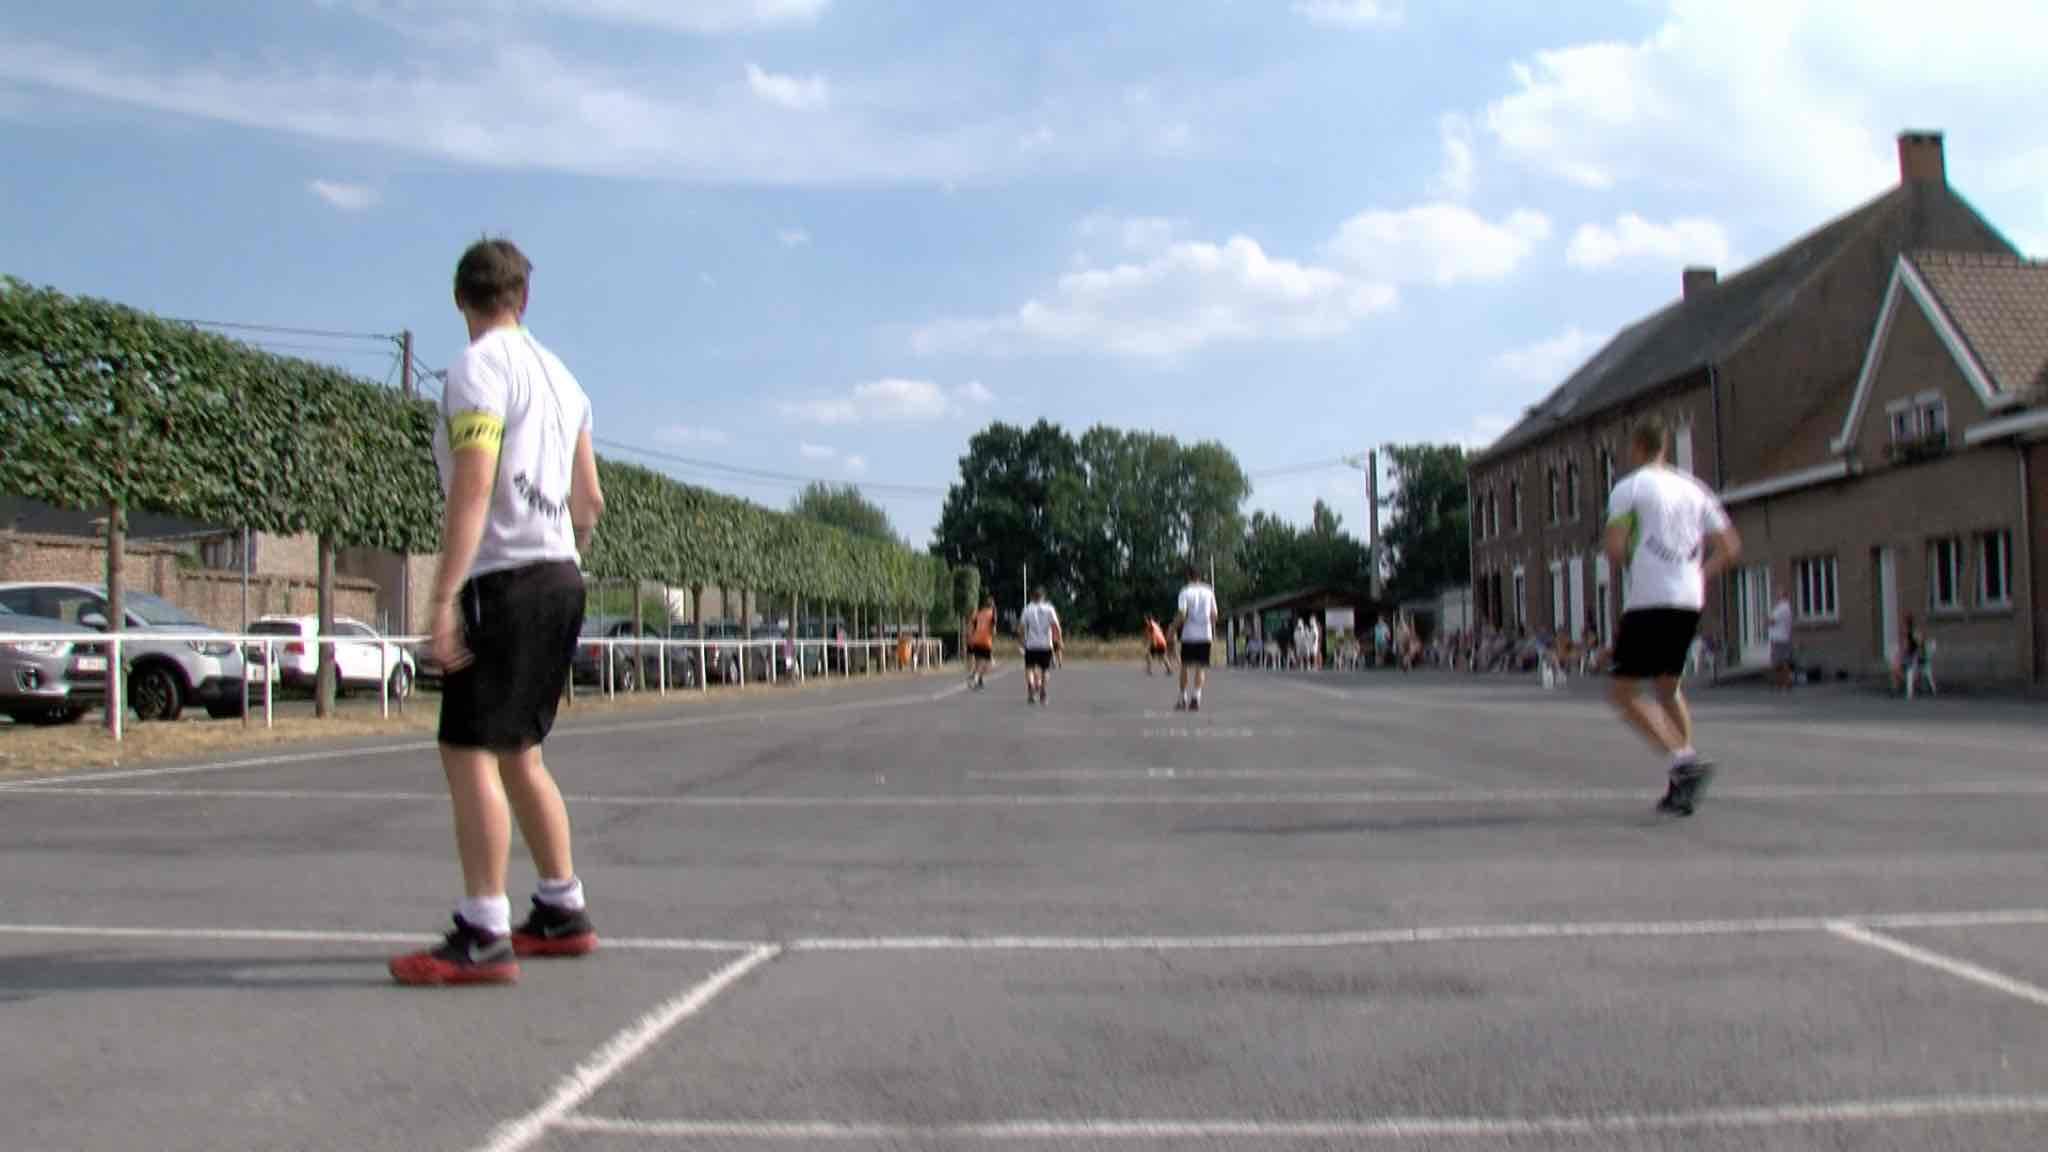 Balle Pelote: bilan positif pour Vaudignies et Blicquy en N2